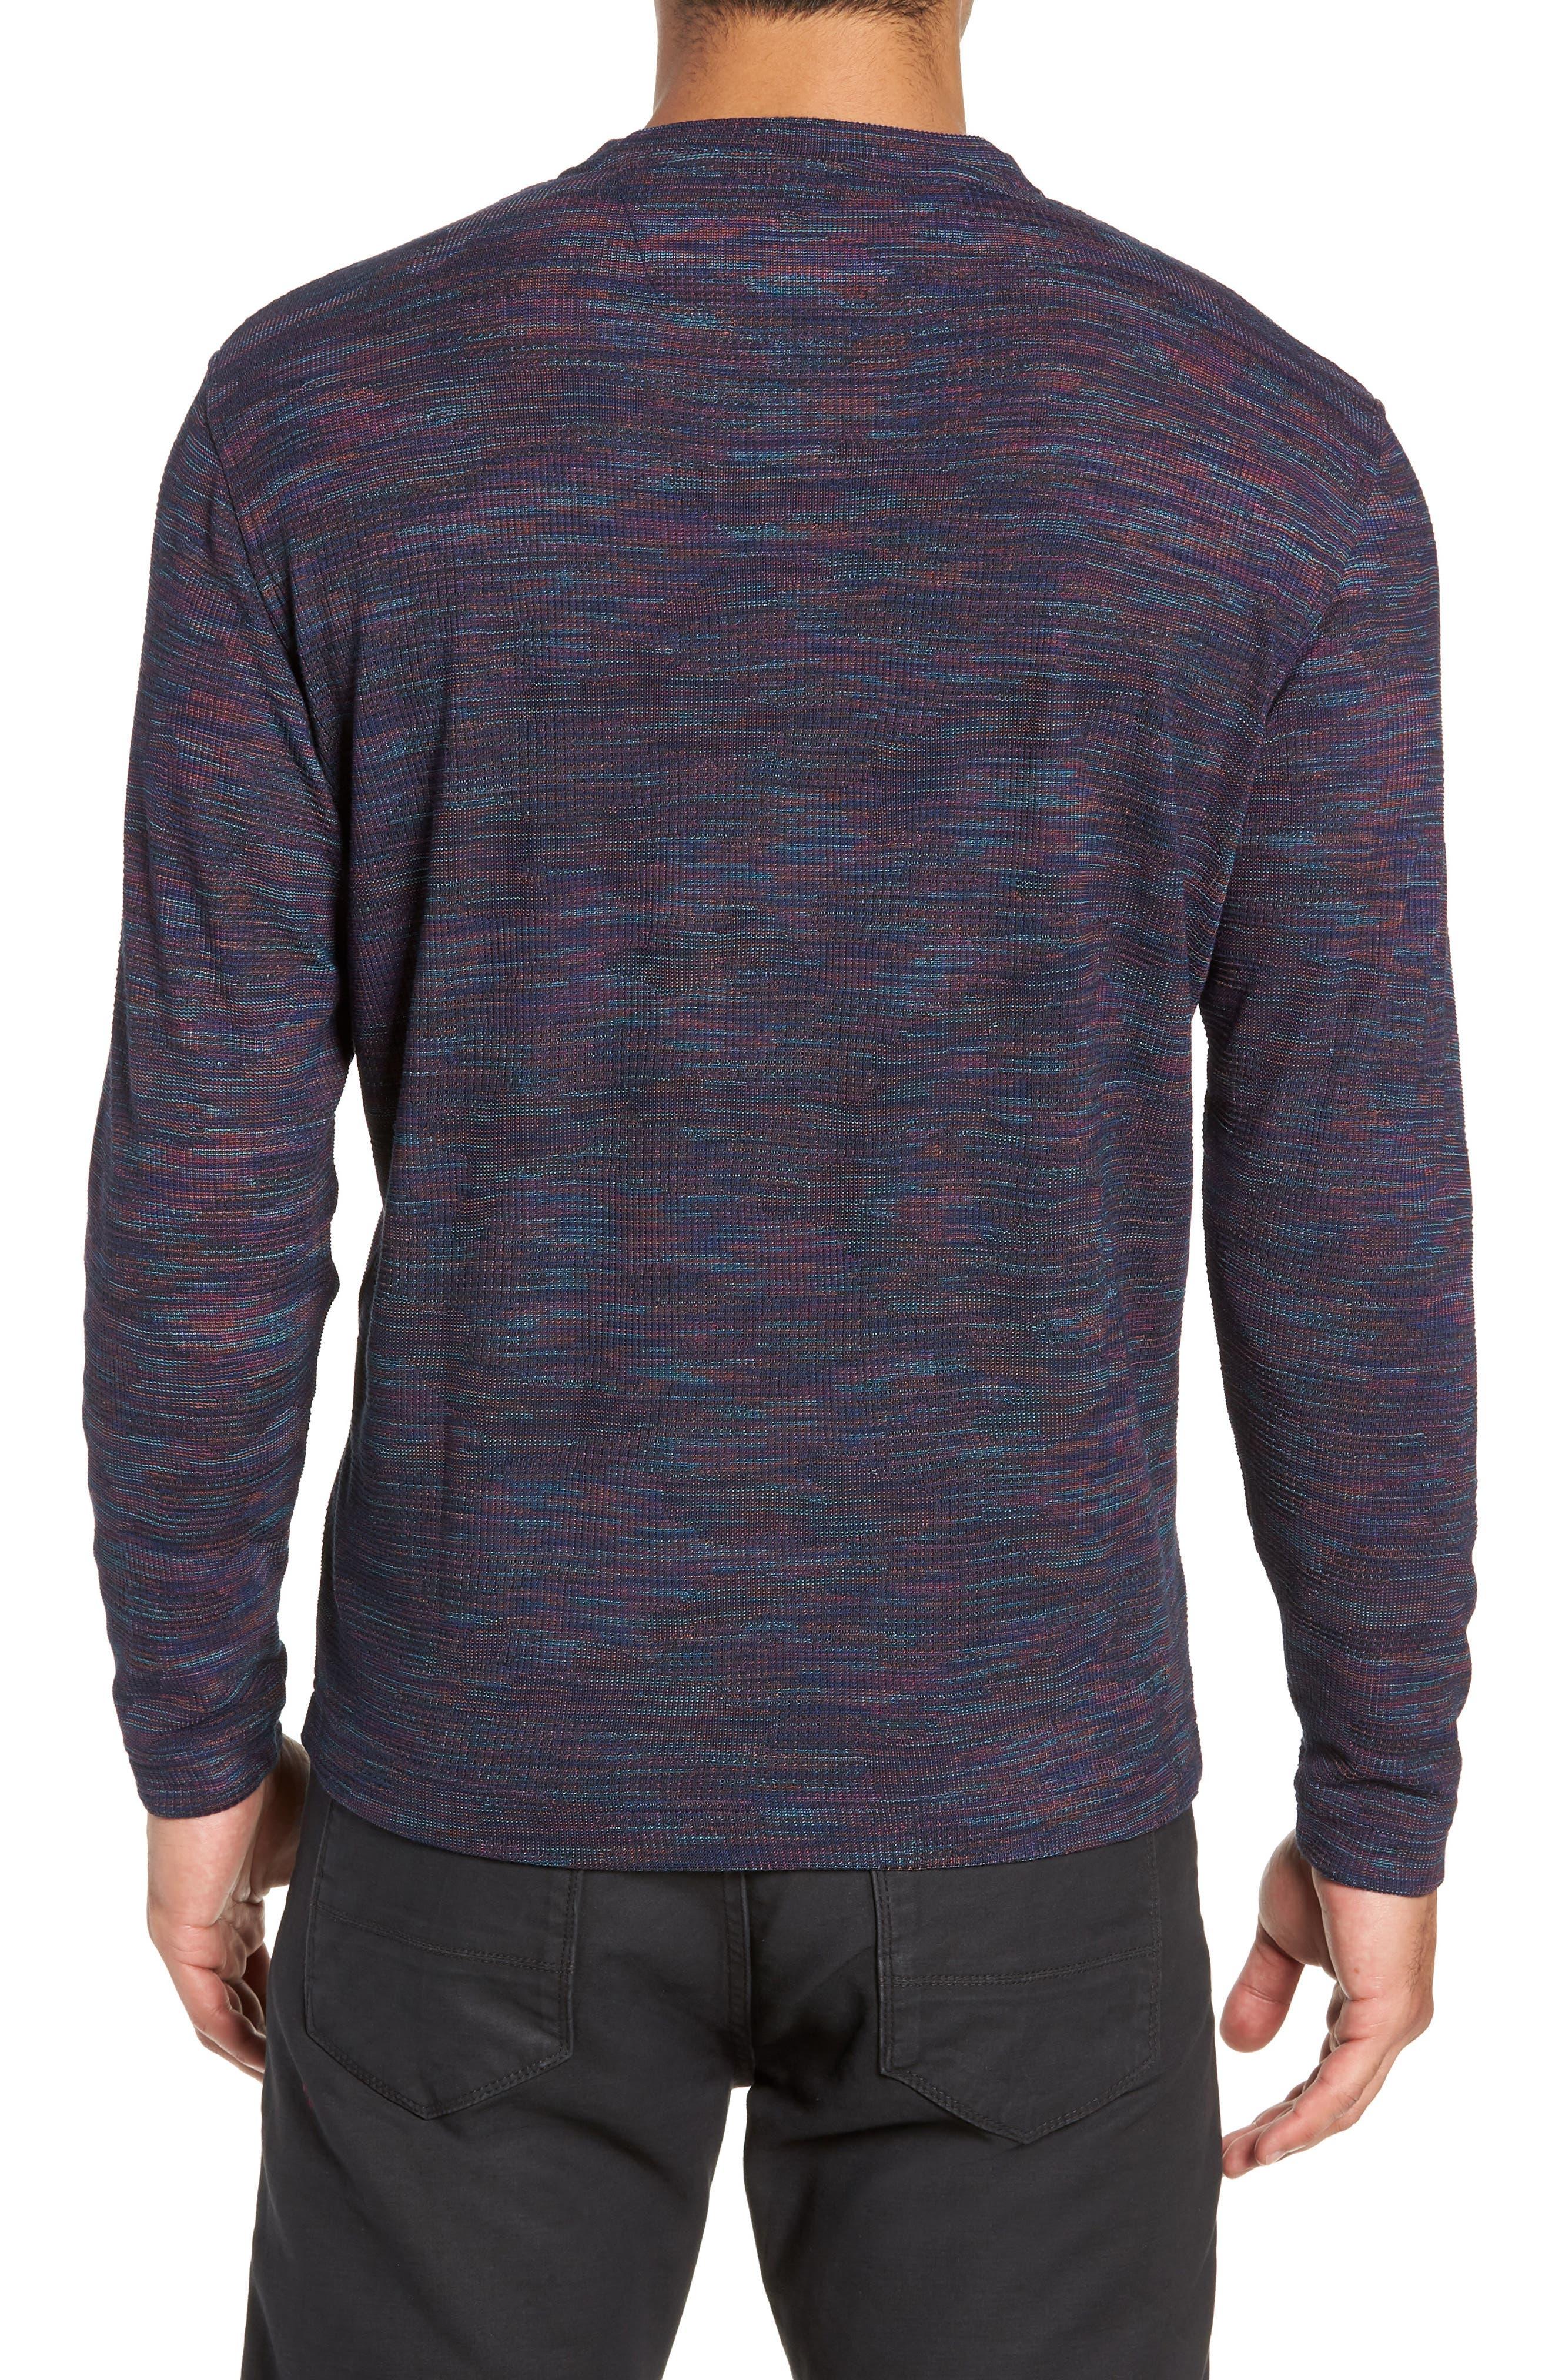 Forster Long Sleeve Henley Shirt,                             Alternate thumbnail 2, color,                             NAVY